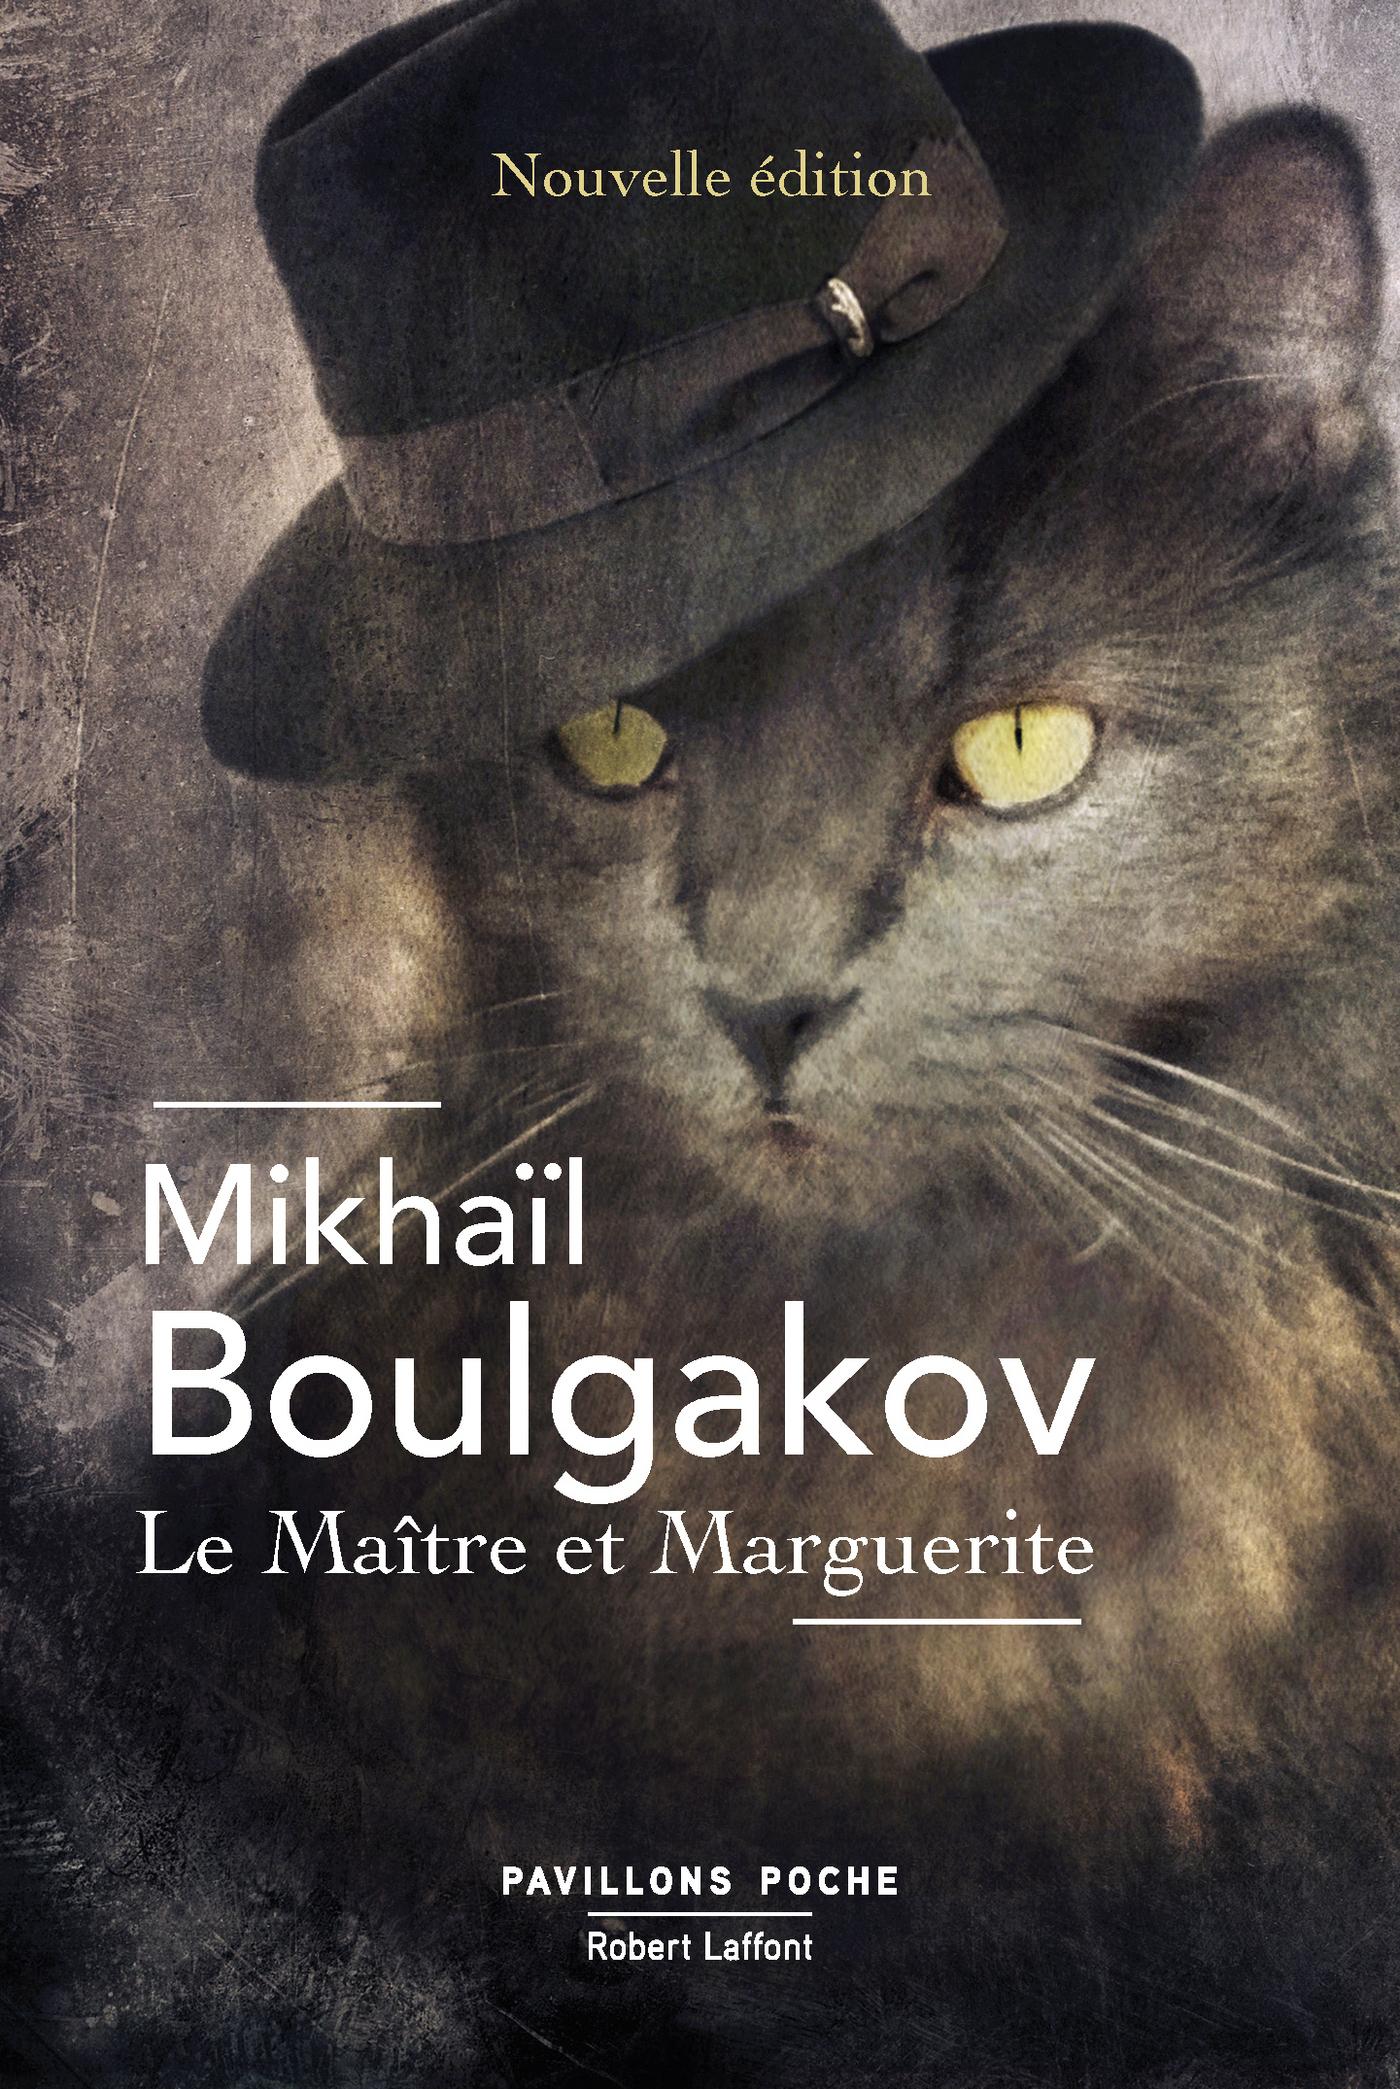 Le Maître et Marguerite | BOULGAKOV, Mikhaïl